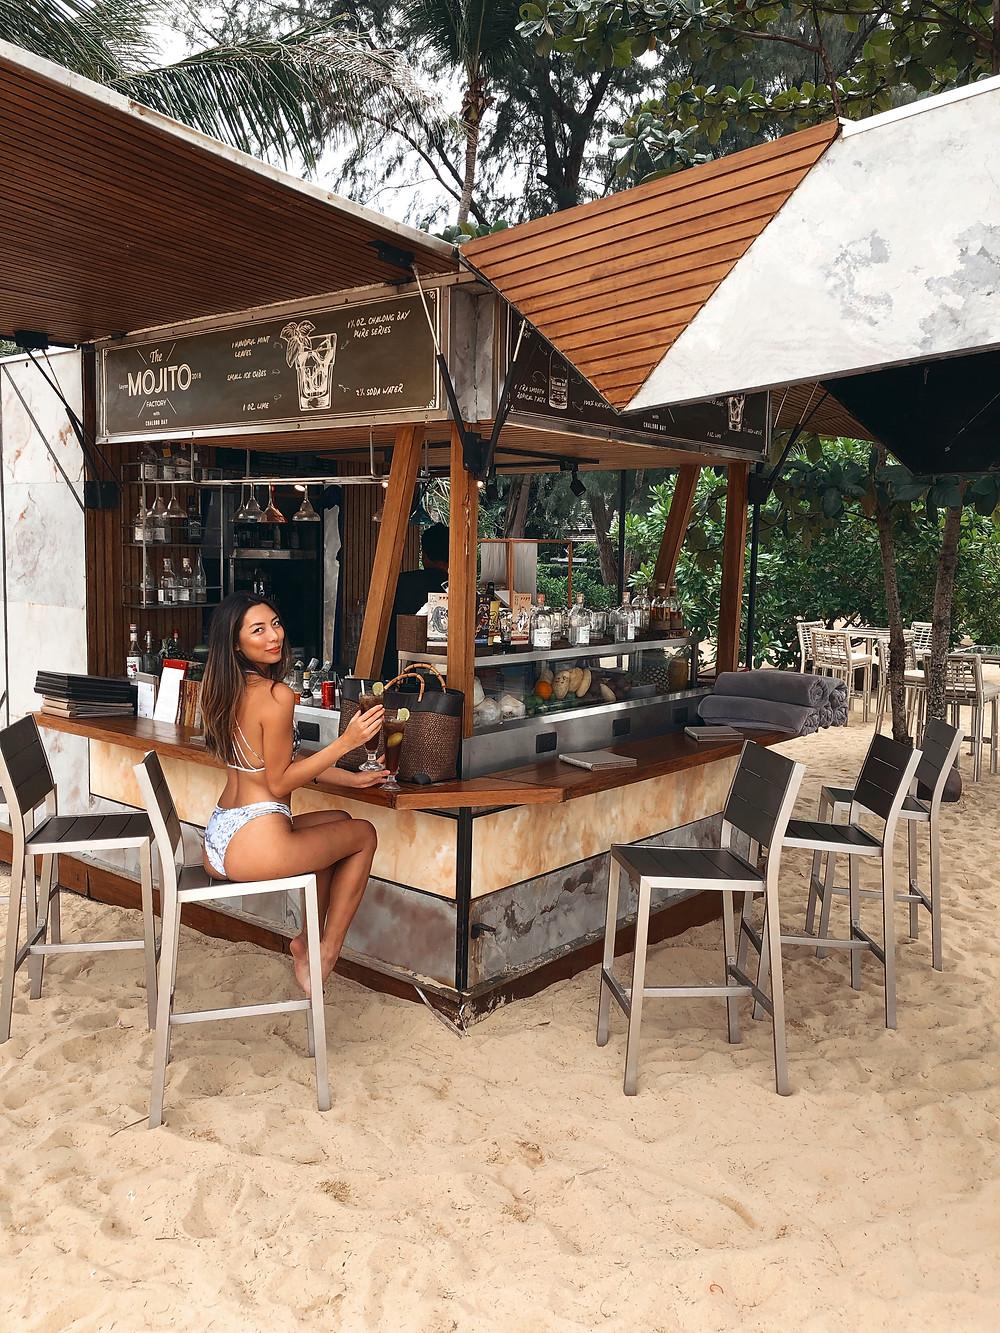 Anantara Layan Phuket | Mojito Beach Bar